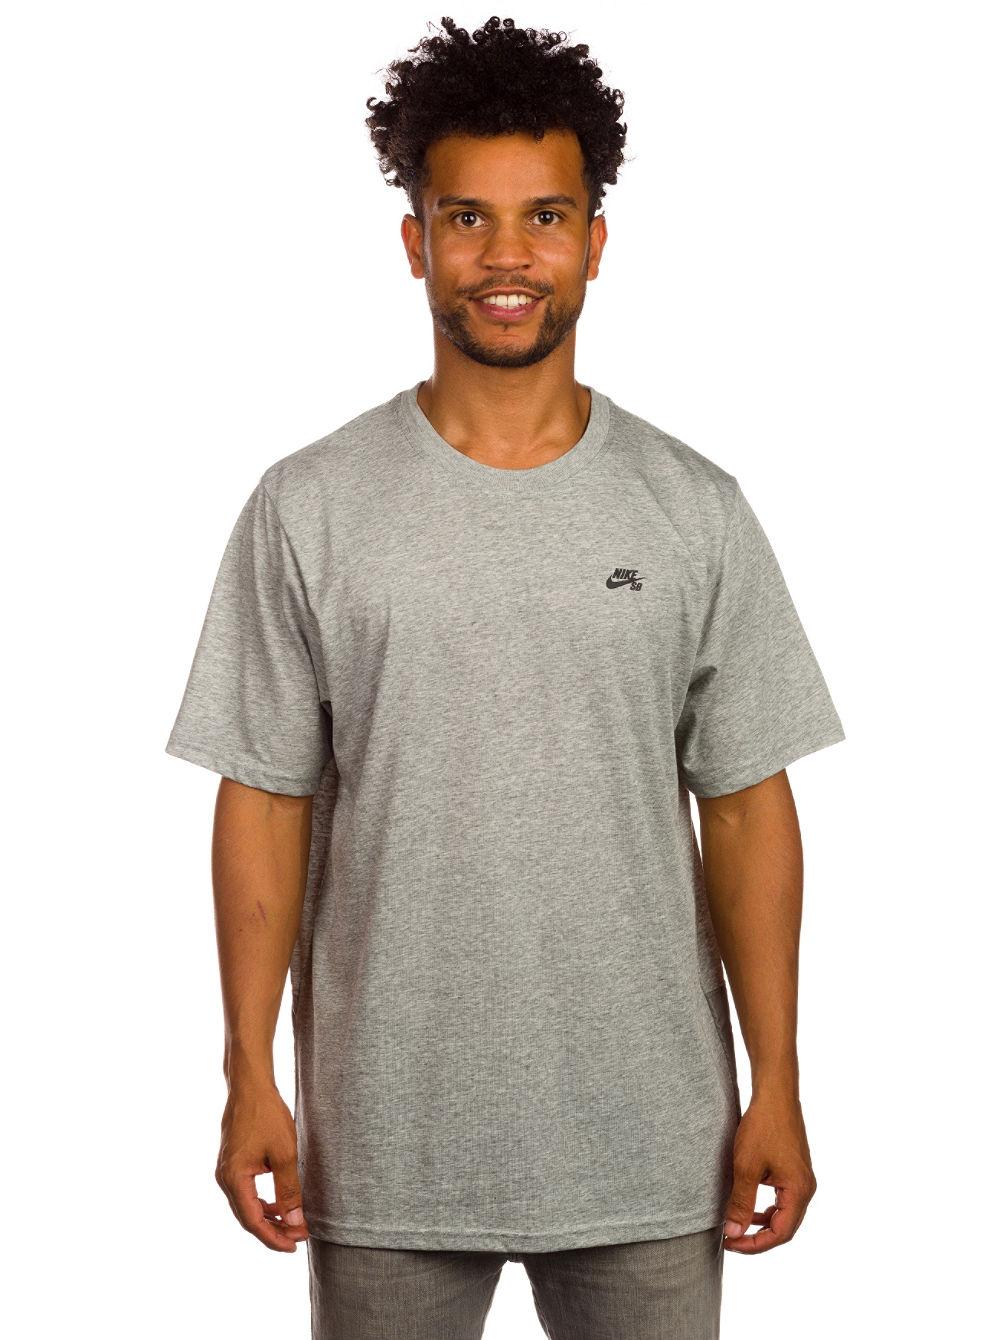 Nike SB Knit Overlay T-Shirt - nike - blue-tomato.com